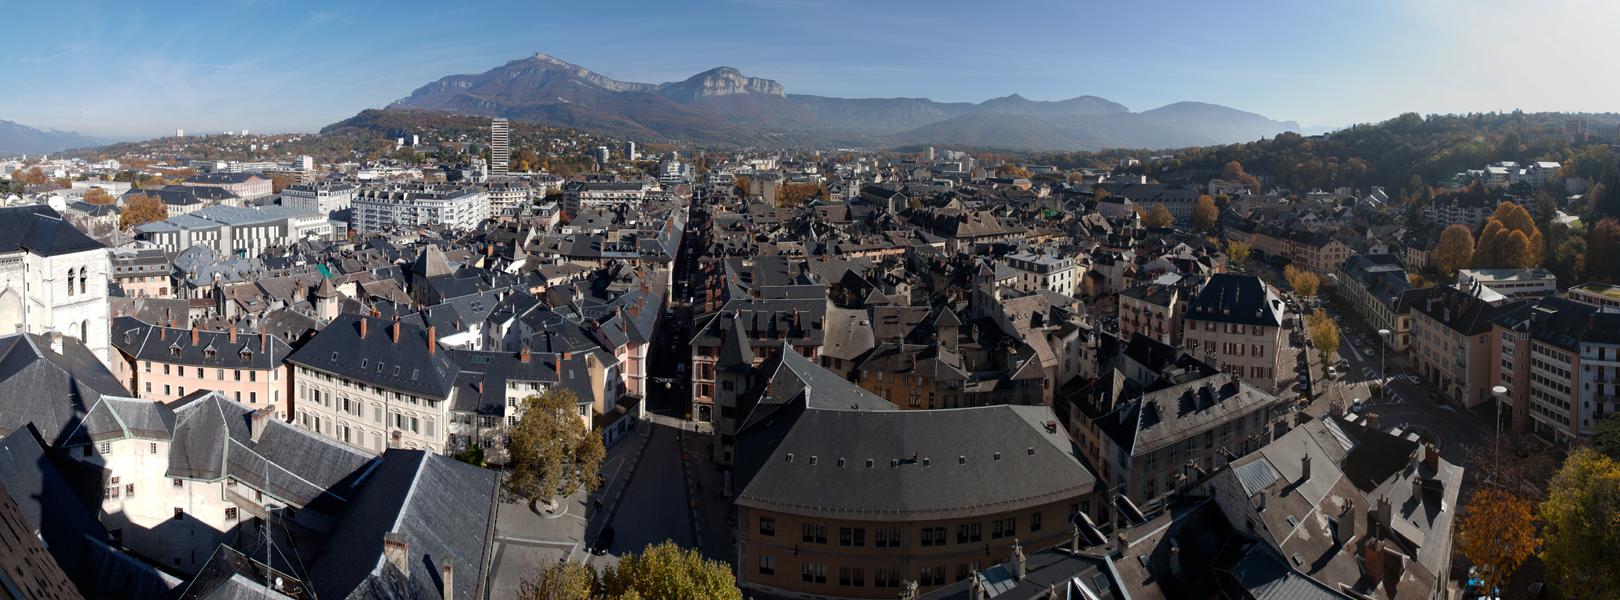 042 Château des Ducs de Savoie